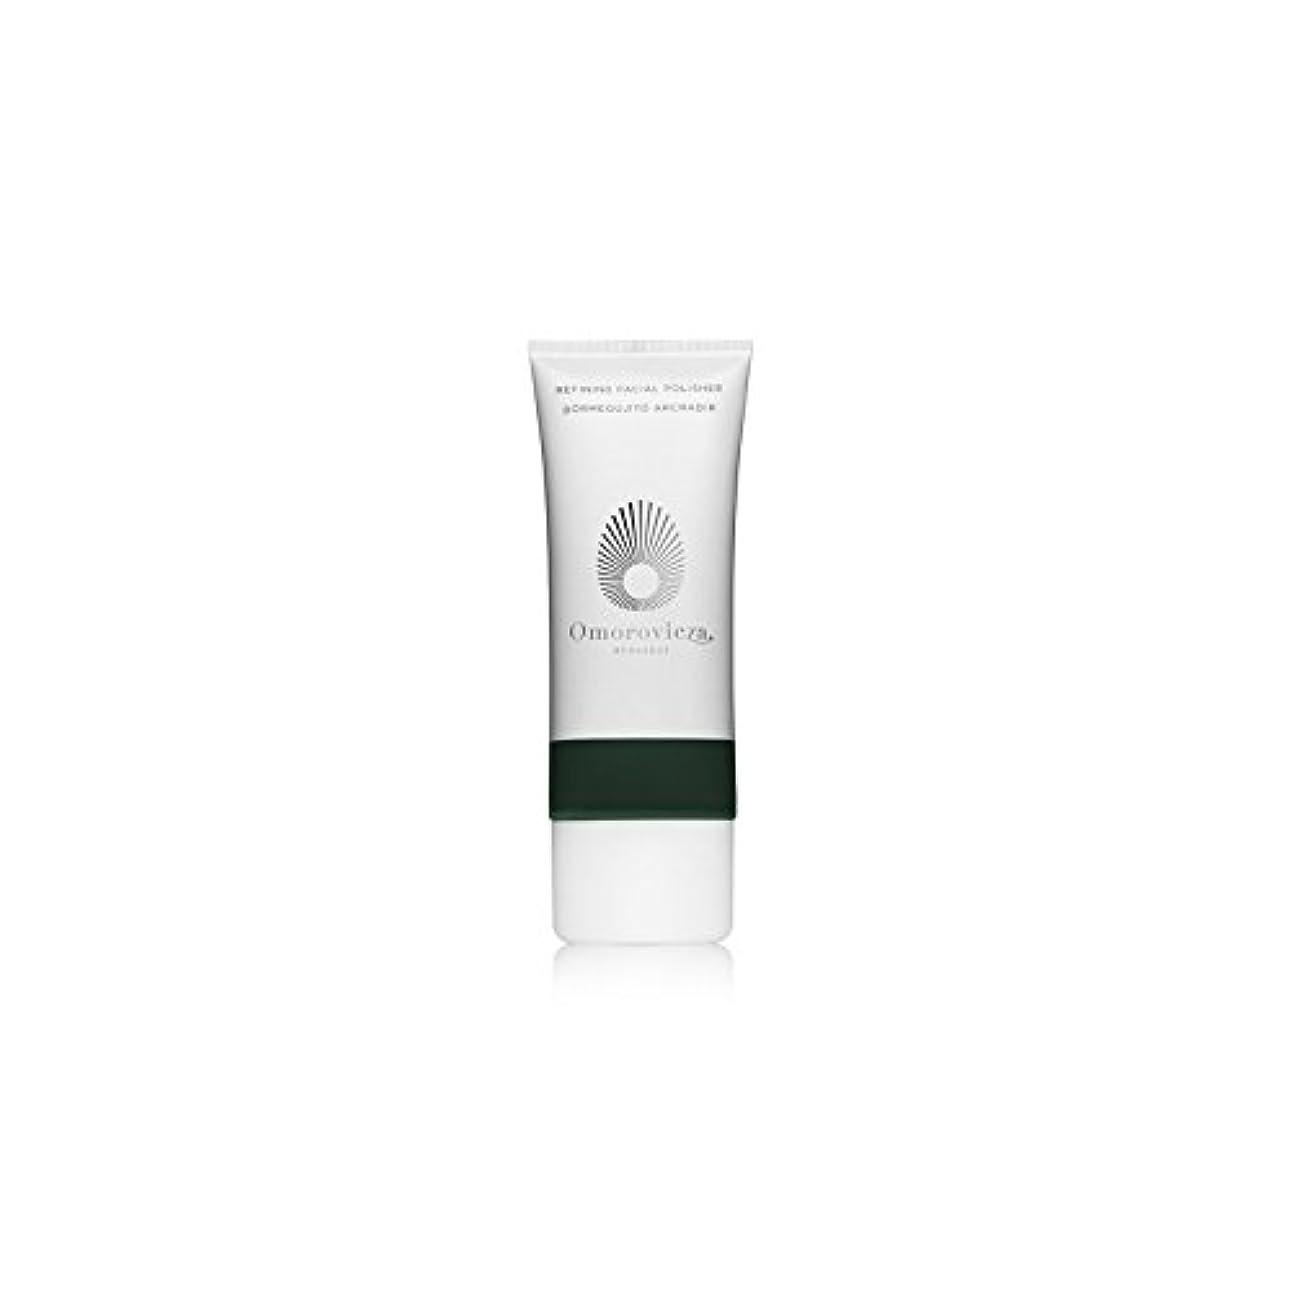 差アンペア肝Omorovicza Refining Facial Polisher (100ml) (Pack of 6) - 精錬顔のポリッシャー(100ミリリットル) x6 [並行輸入品]